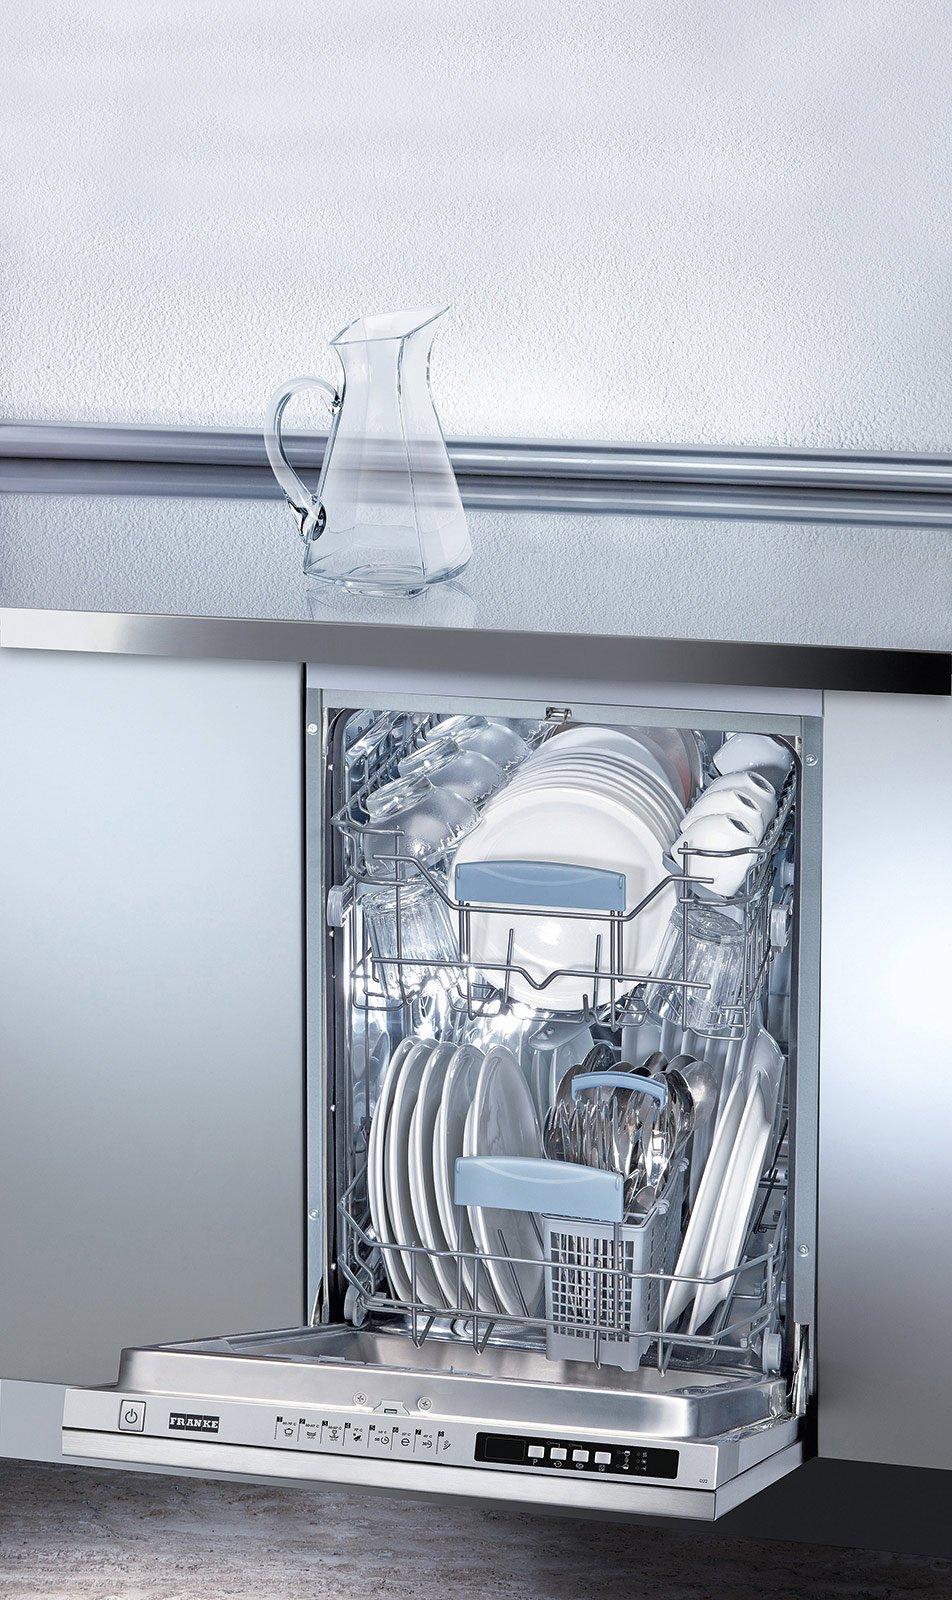 Lavastoviglie piccole per risparmiare spazio e consumi - Mobile per lavastoviglie da incasso ...